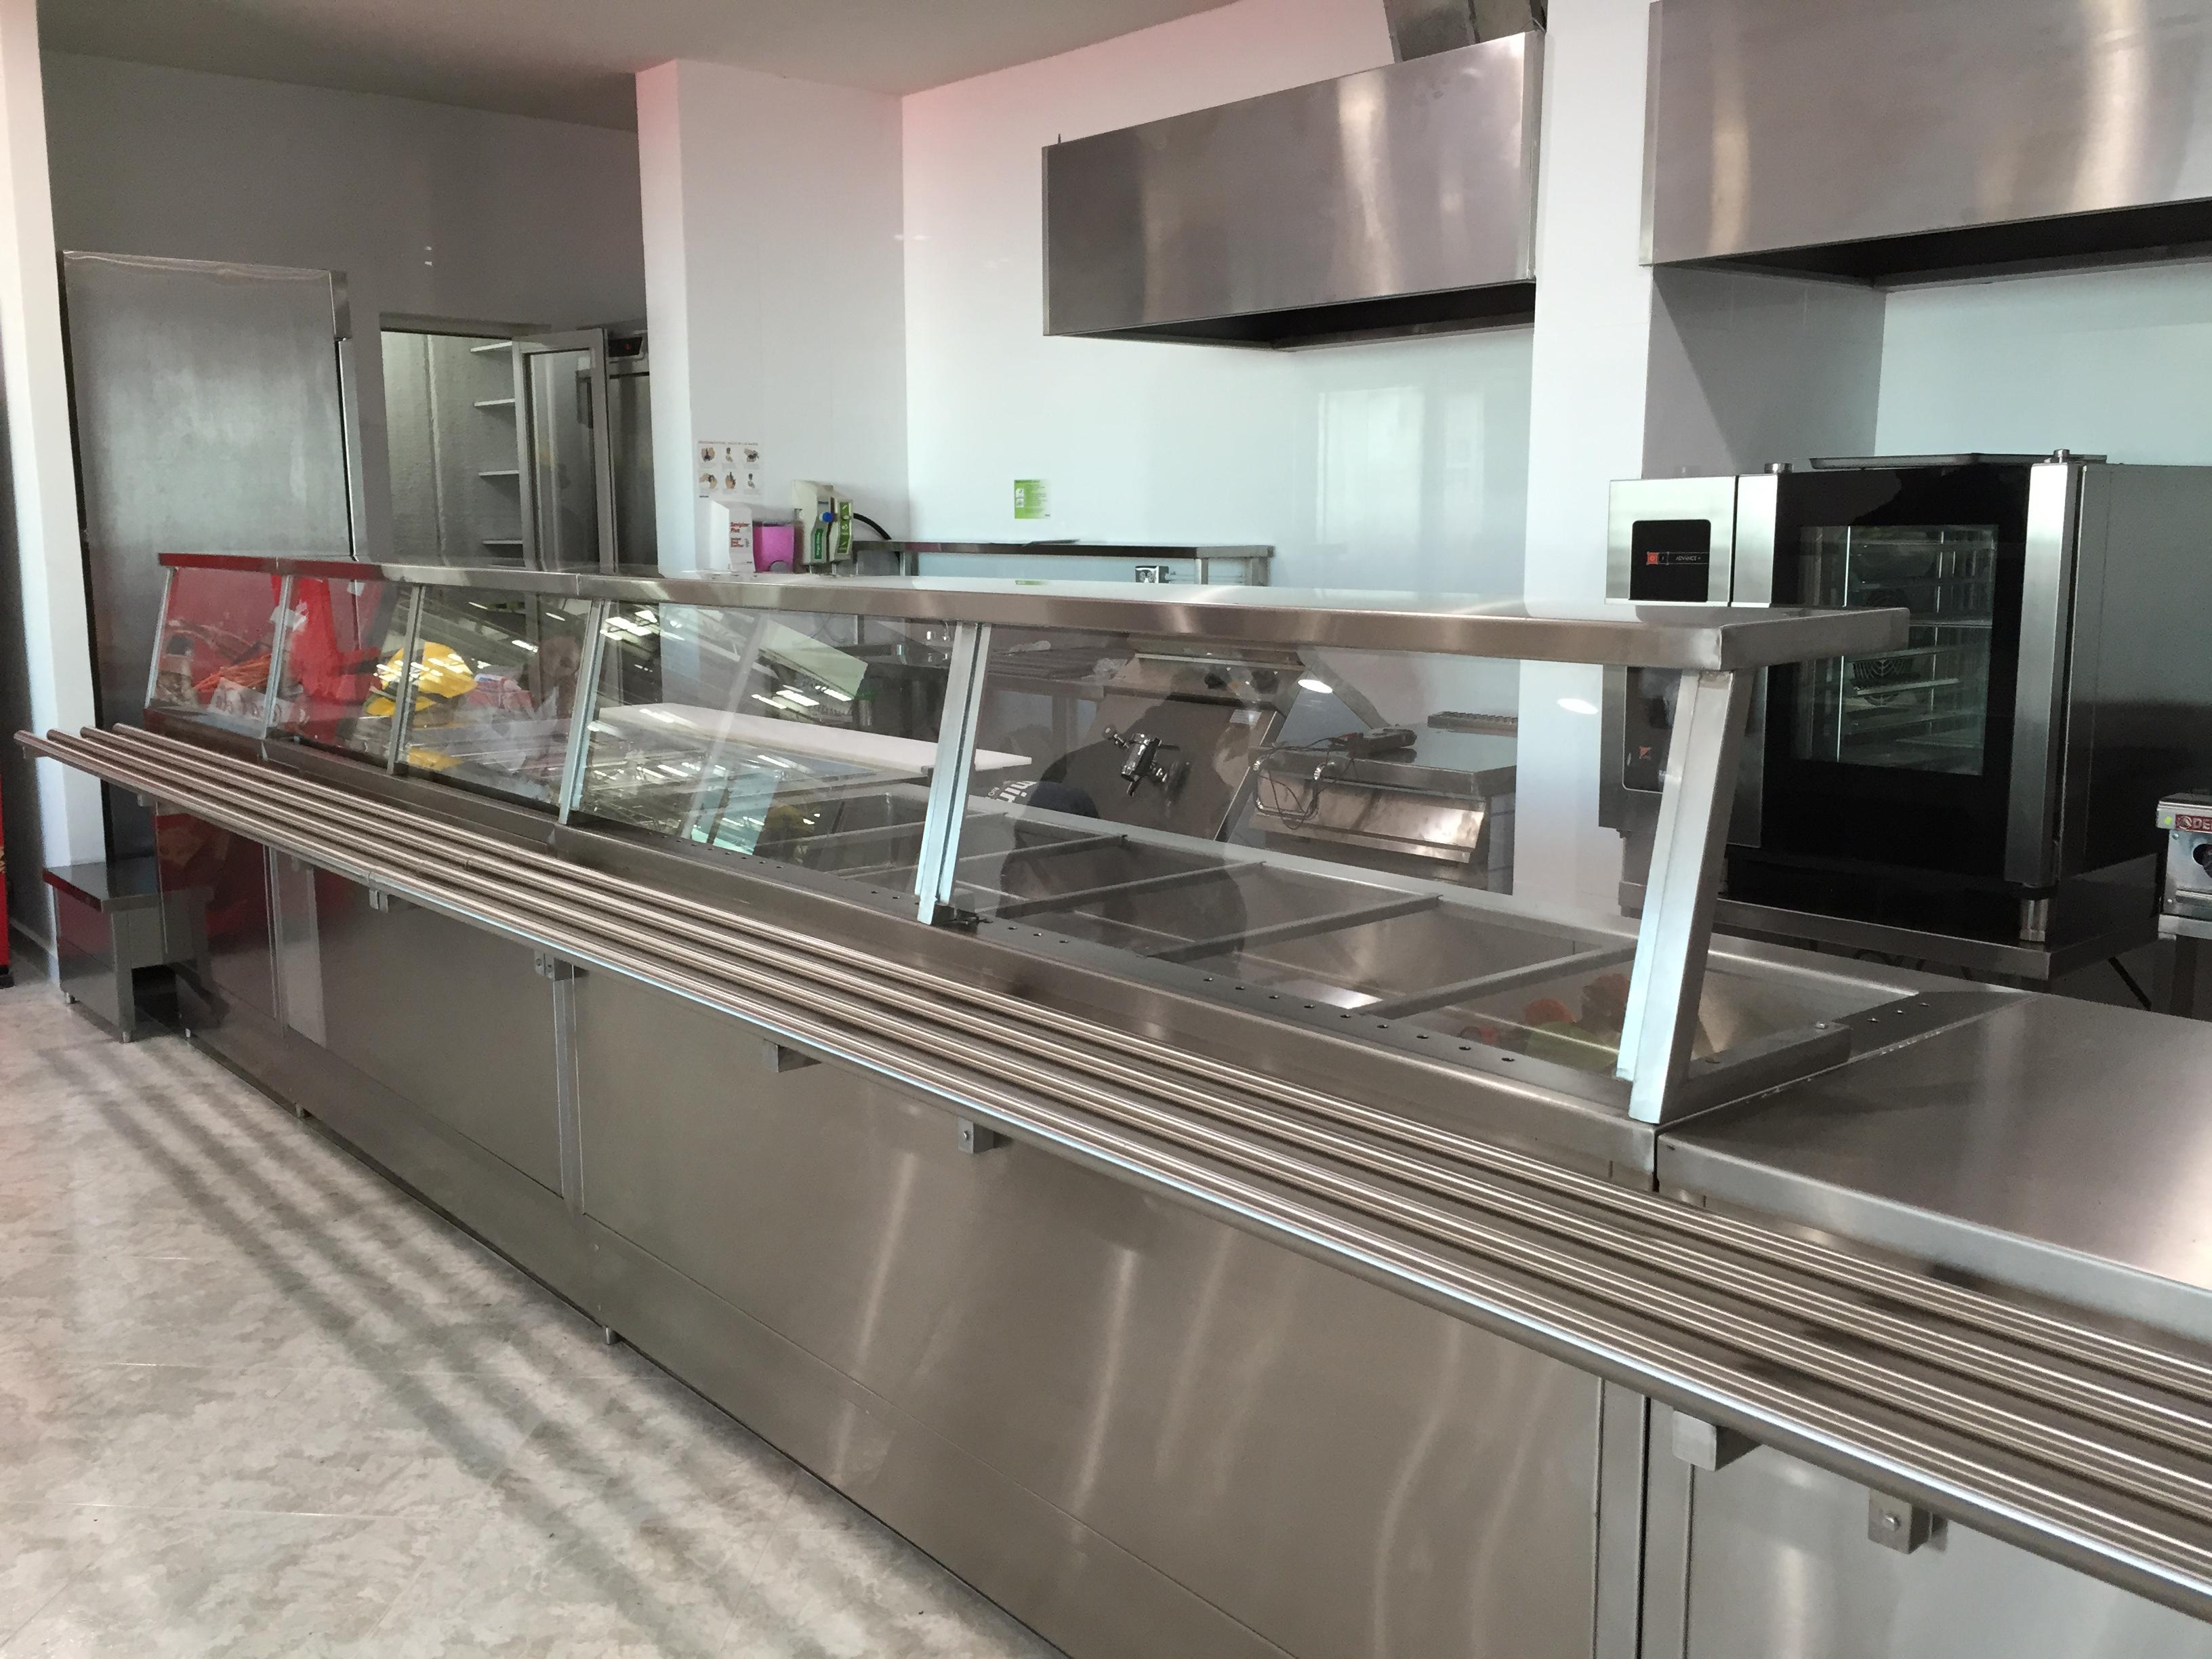 Cocinas industriales equipamiento y muebles de acero - Muebles de cocina de acero inoxidable ...